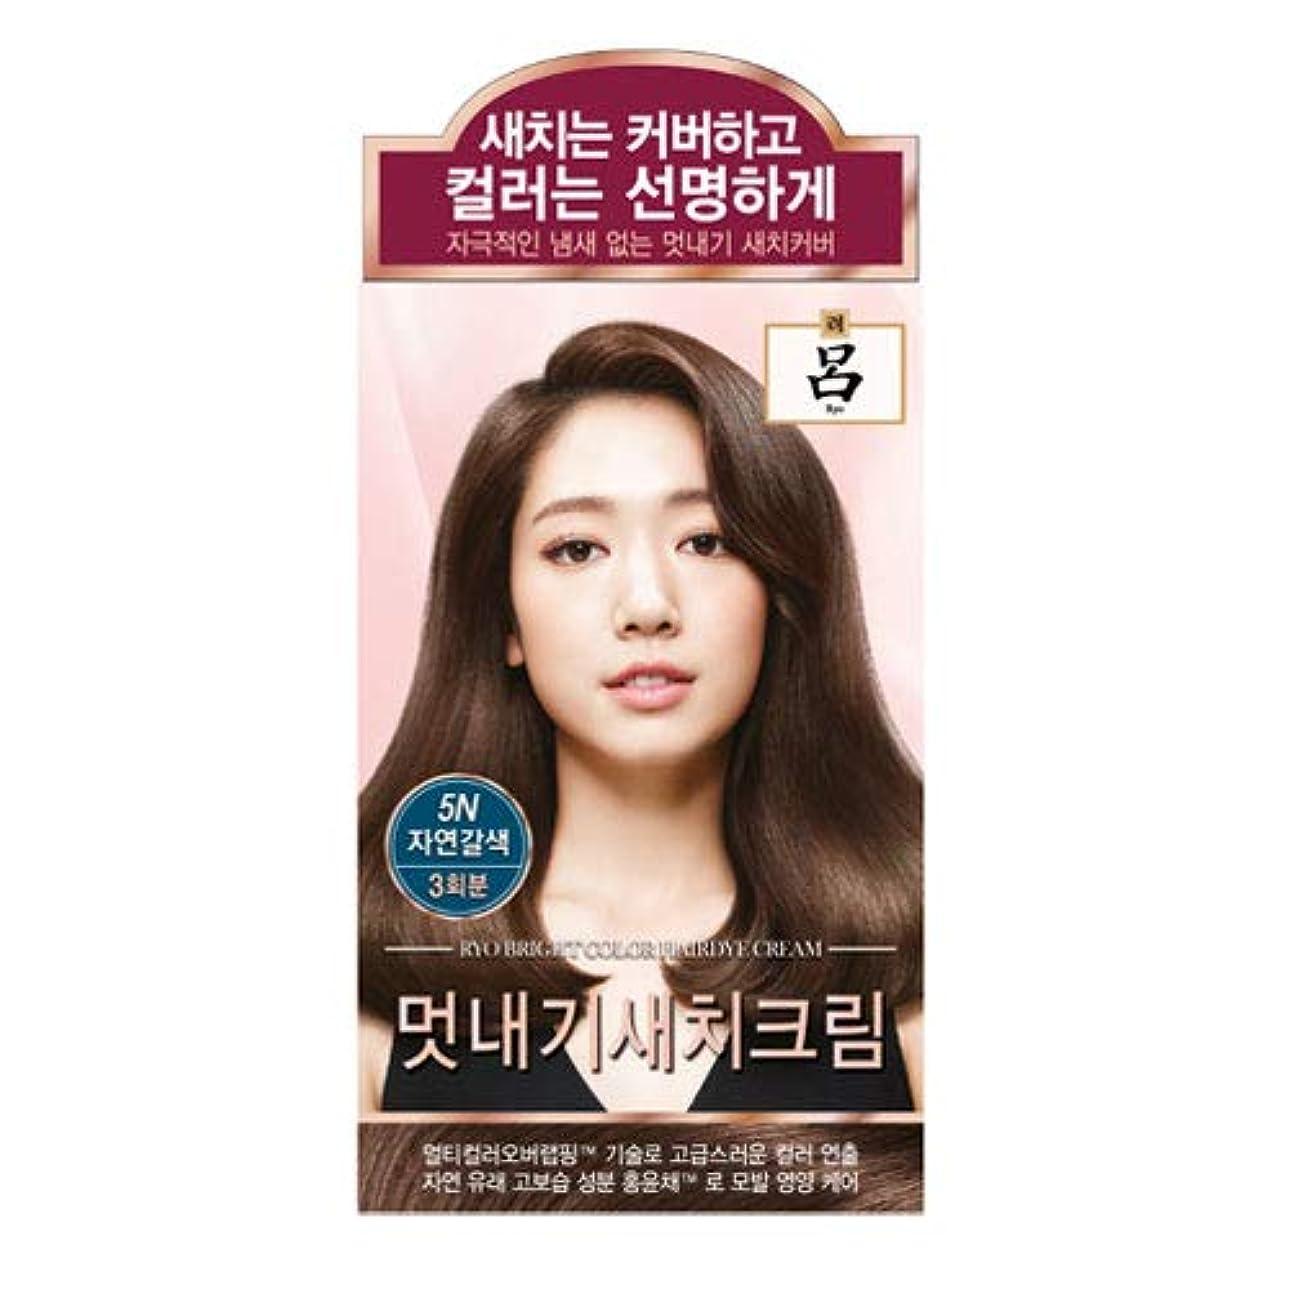 生きる近代化するこするアモーレパシフィック呂[AMOREPACIFIC/Ryo] ブライトカラーヘアアイクリーム 5N ナチュラルブラウン/Bright Color Hairdye Cream 5N Natural Brown